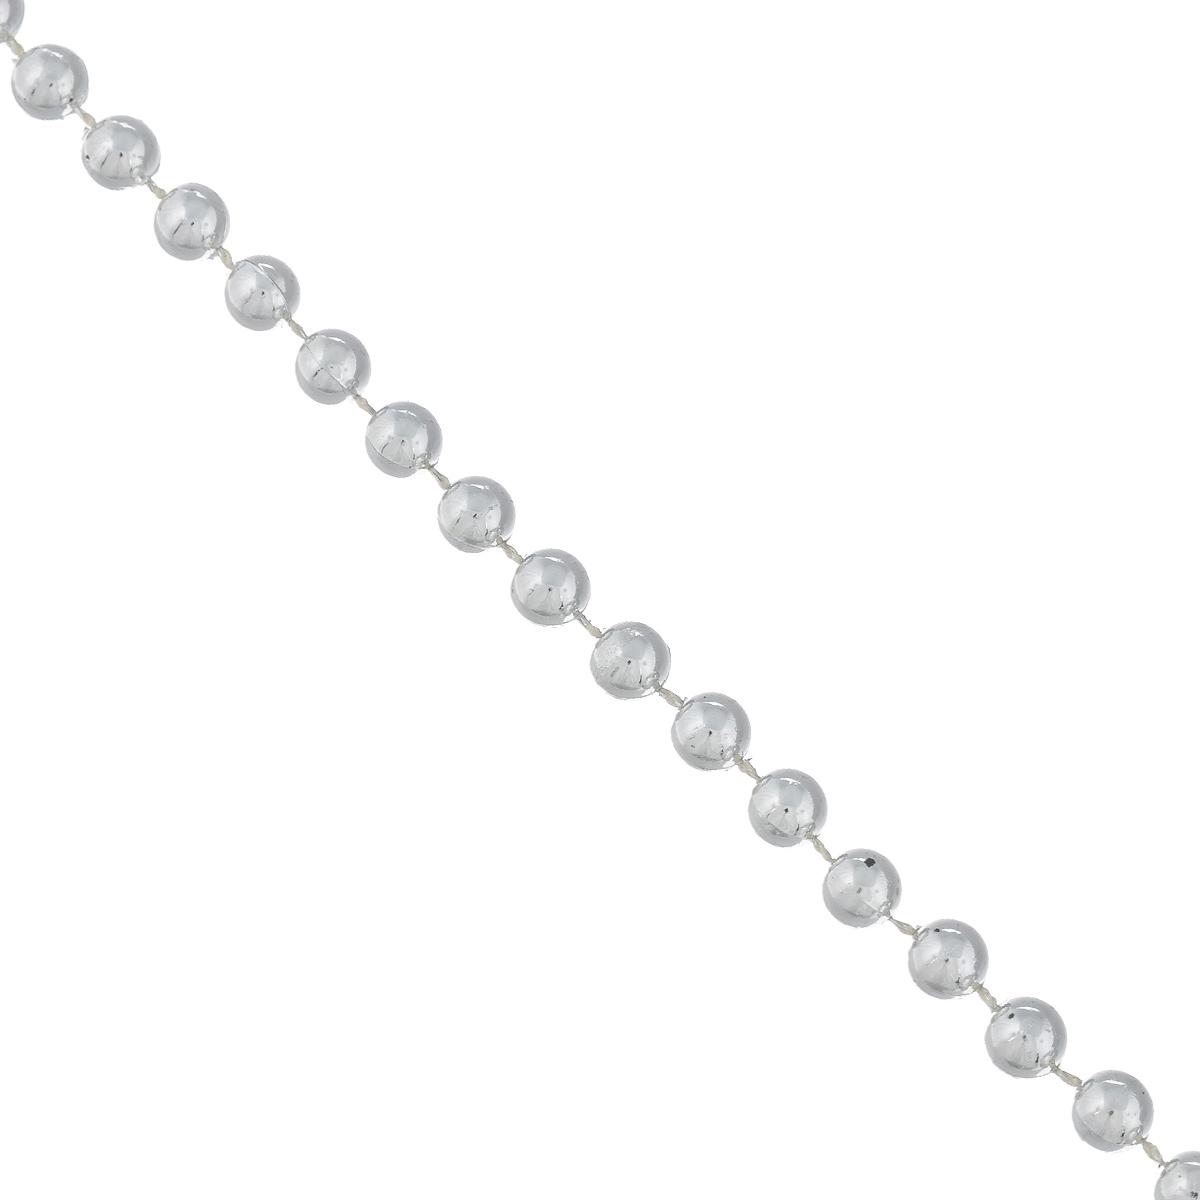 """Новогодняя гирлянда Феникс-презент """"Бусы с шариками"""", цвет: серебристый, длина 2,7 м"""